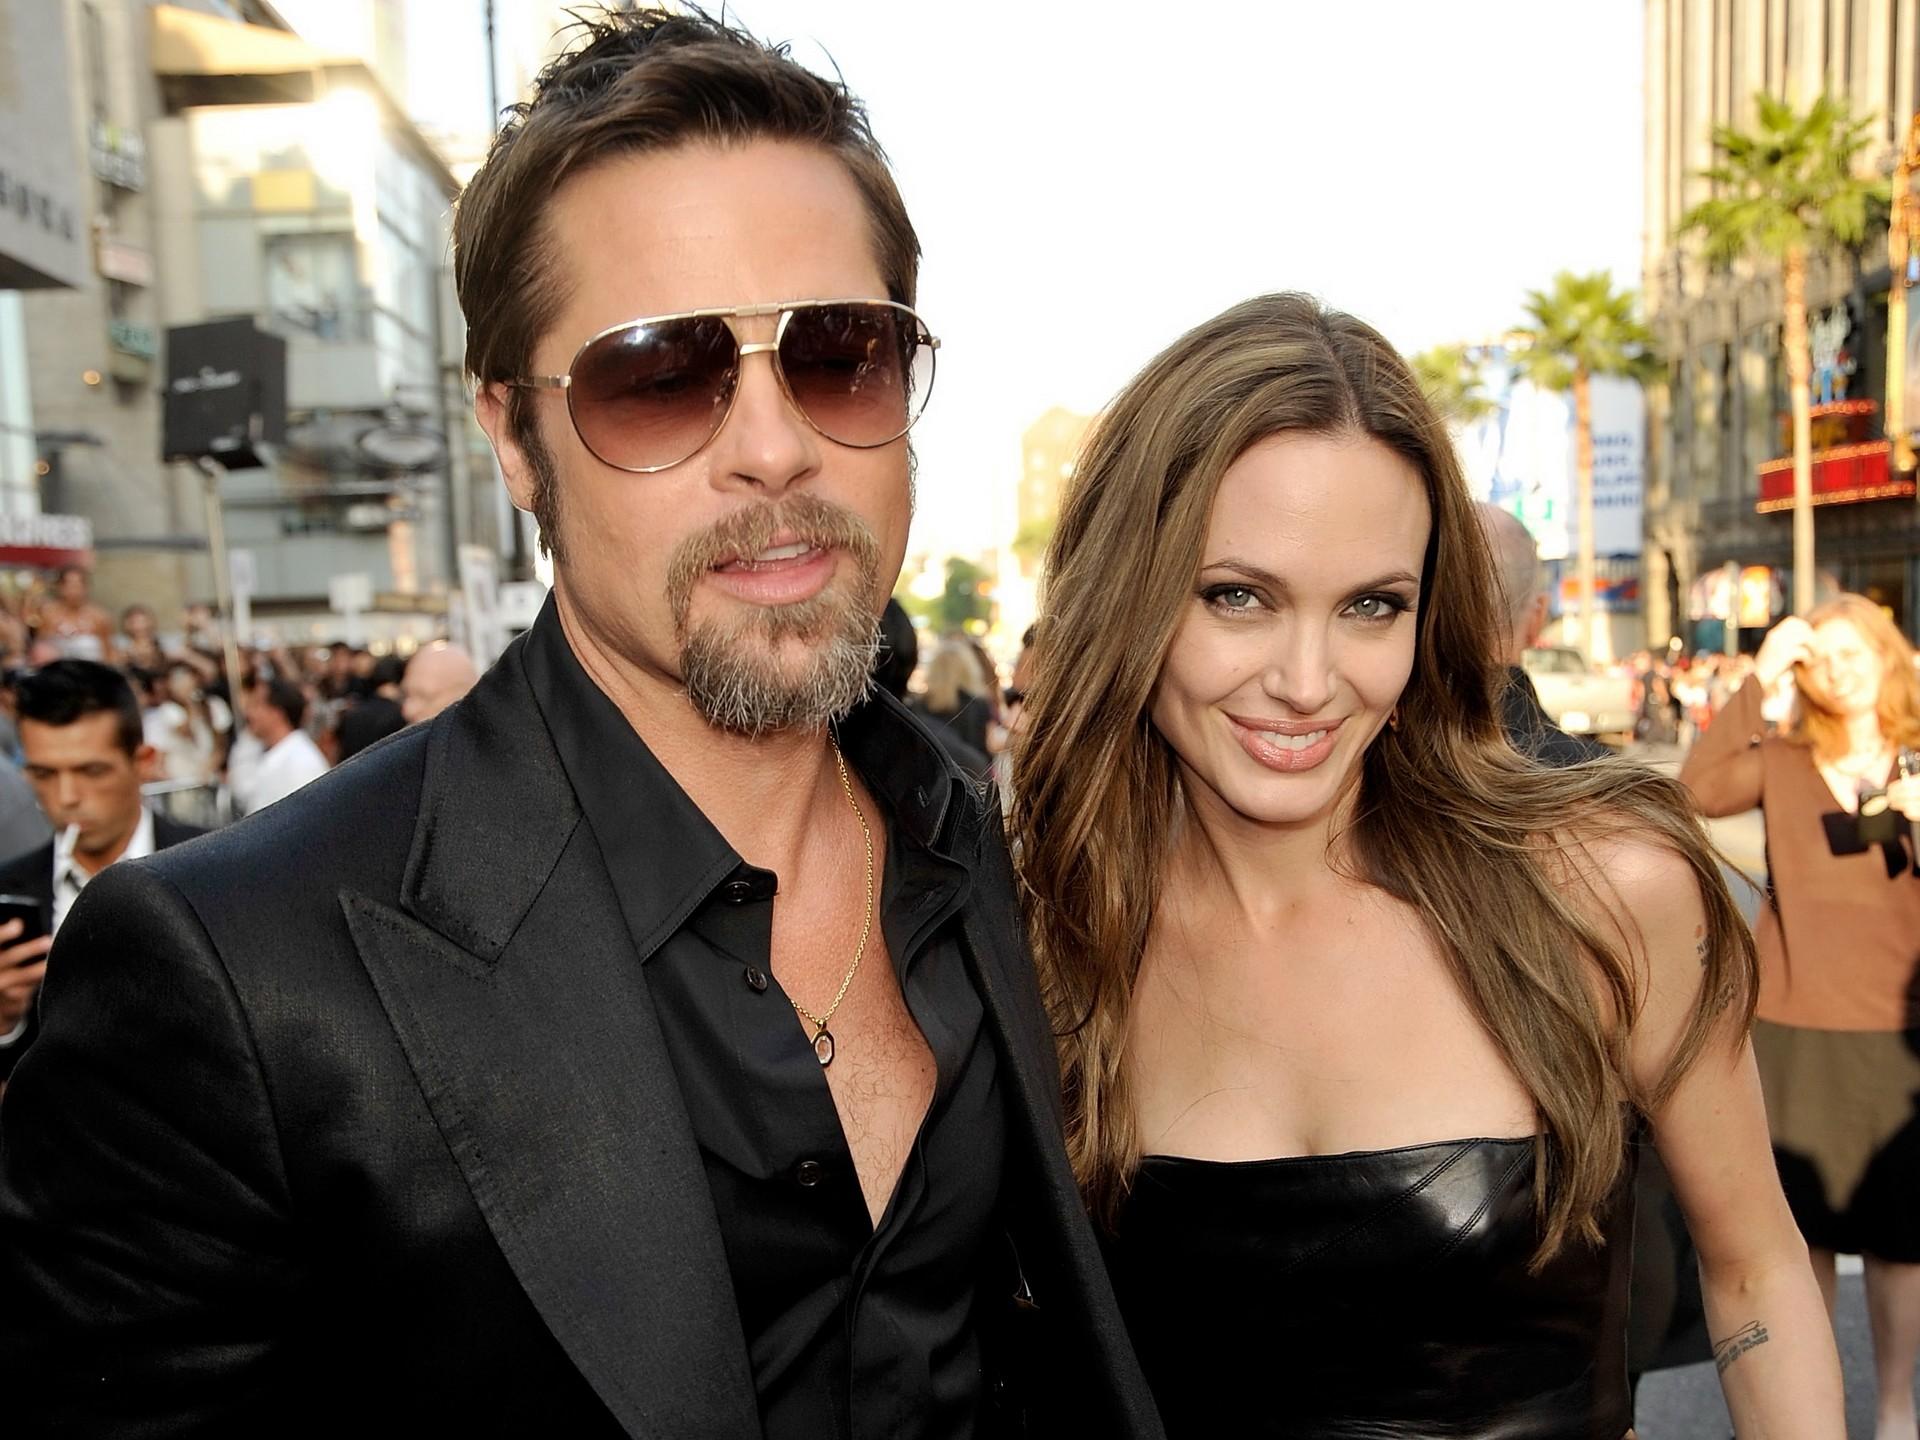 Sin dudas fue la separación más escandalosa. Angelina Jolie le pidió el divorcio a Brad Pitt en septiembre pasado tras diez años juntos y dos de casados. Hoy pelean por la custodia de sus seis hijos